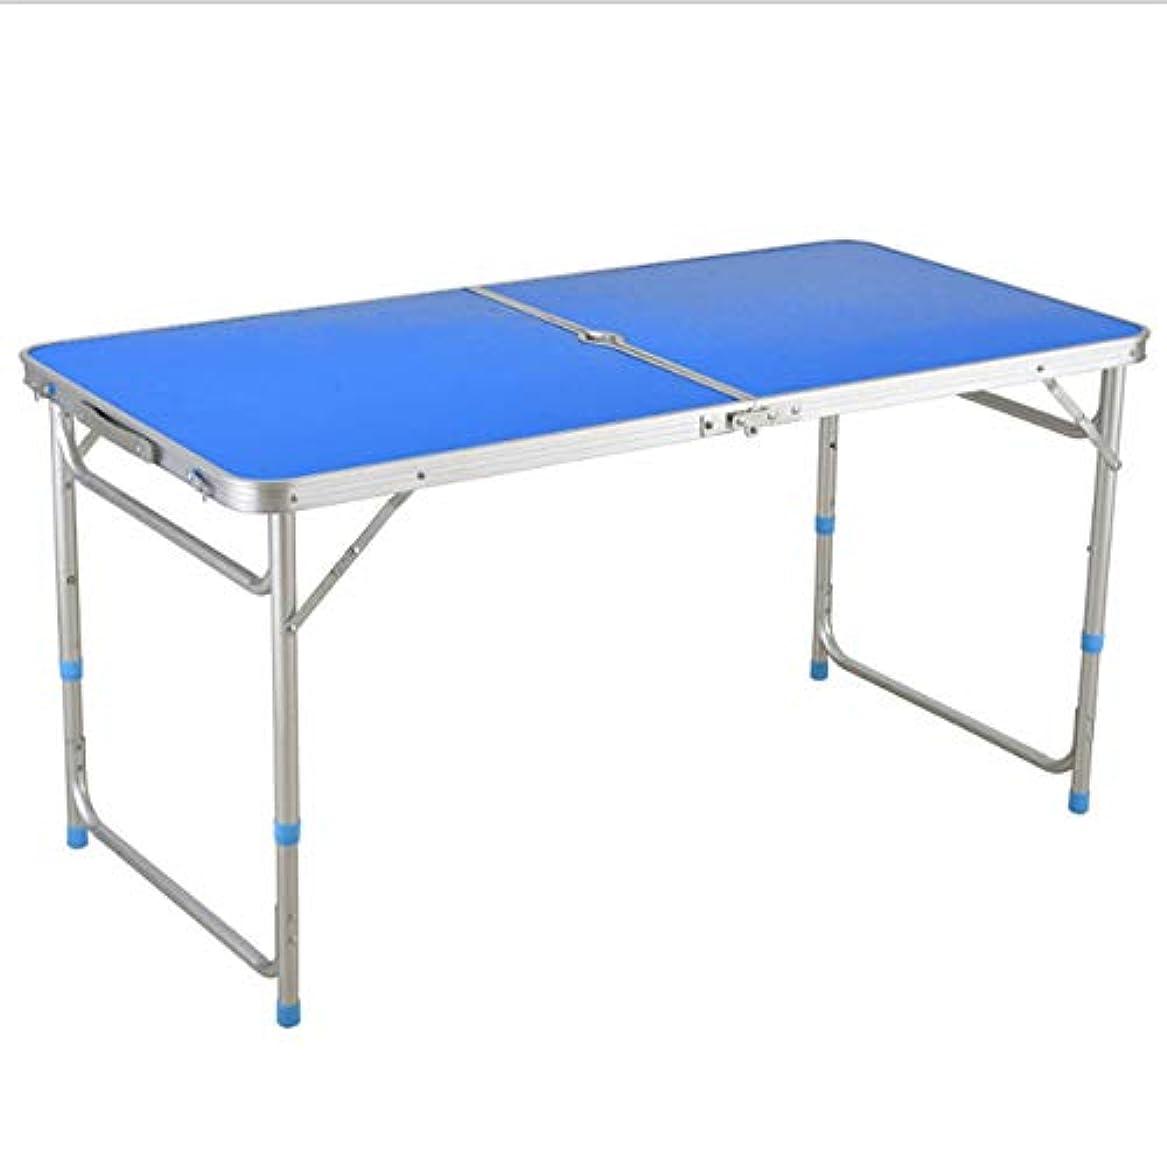 ポインタマラウイ優遇便利なアルミ製テーブル、多機能折りたたみ式テーブル、引き込み式ハンドル補強両極式スーパーロードベアリング、屋外用、ピクニック用、バーベキュー用、ビーチ用、家庭用